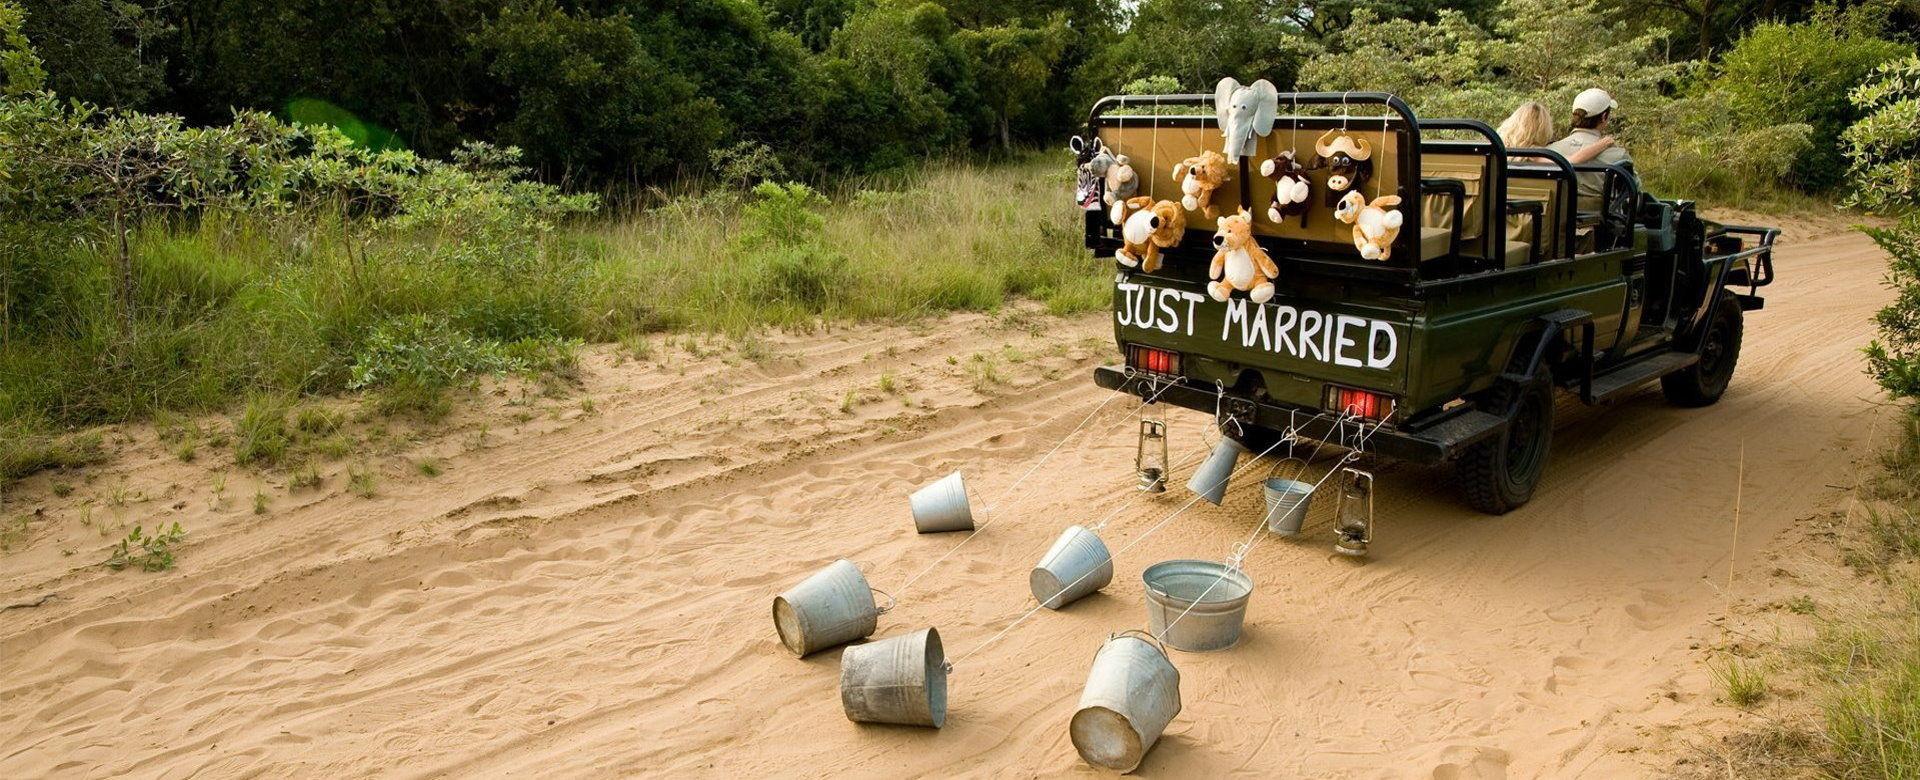 Honeymoon Safaris - Just Married